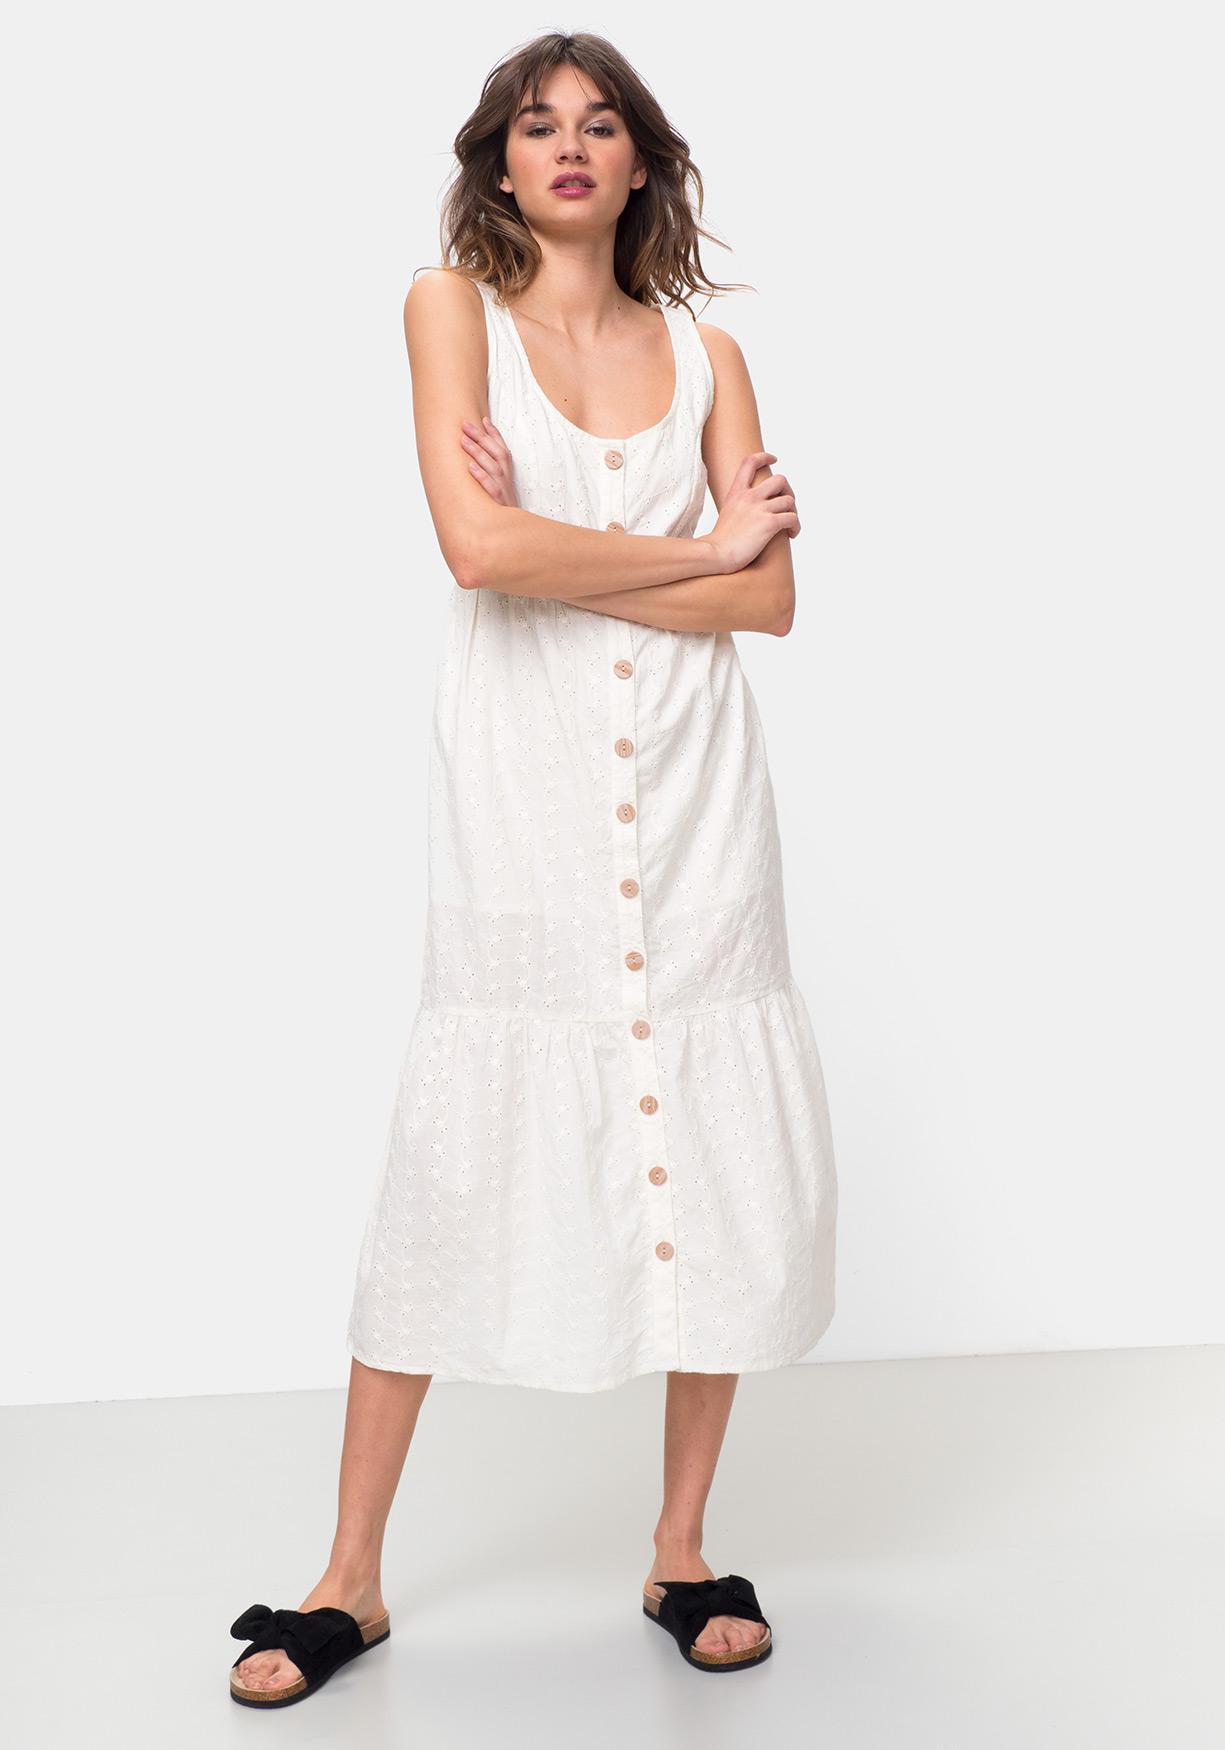 f62505569 Comprar Vestido sin mangas TEX. ¡Aprovéchate de nuestros precios y ...